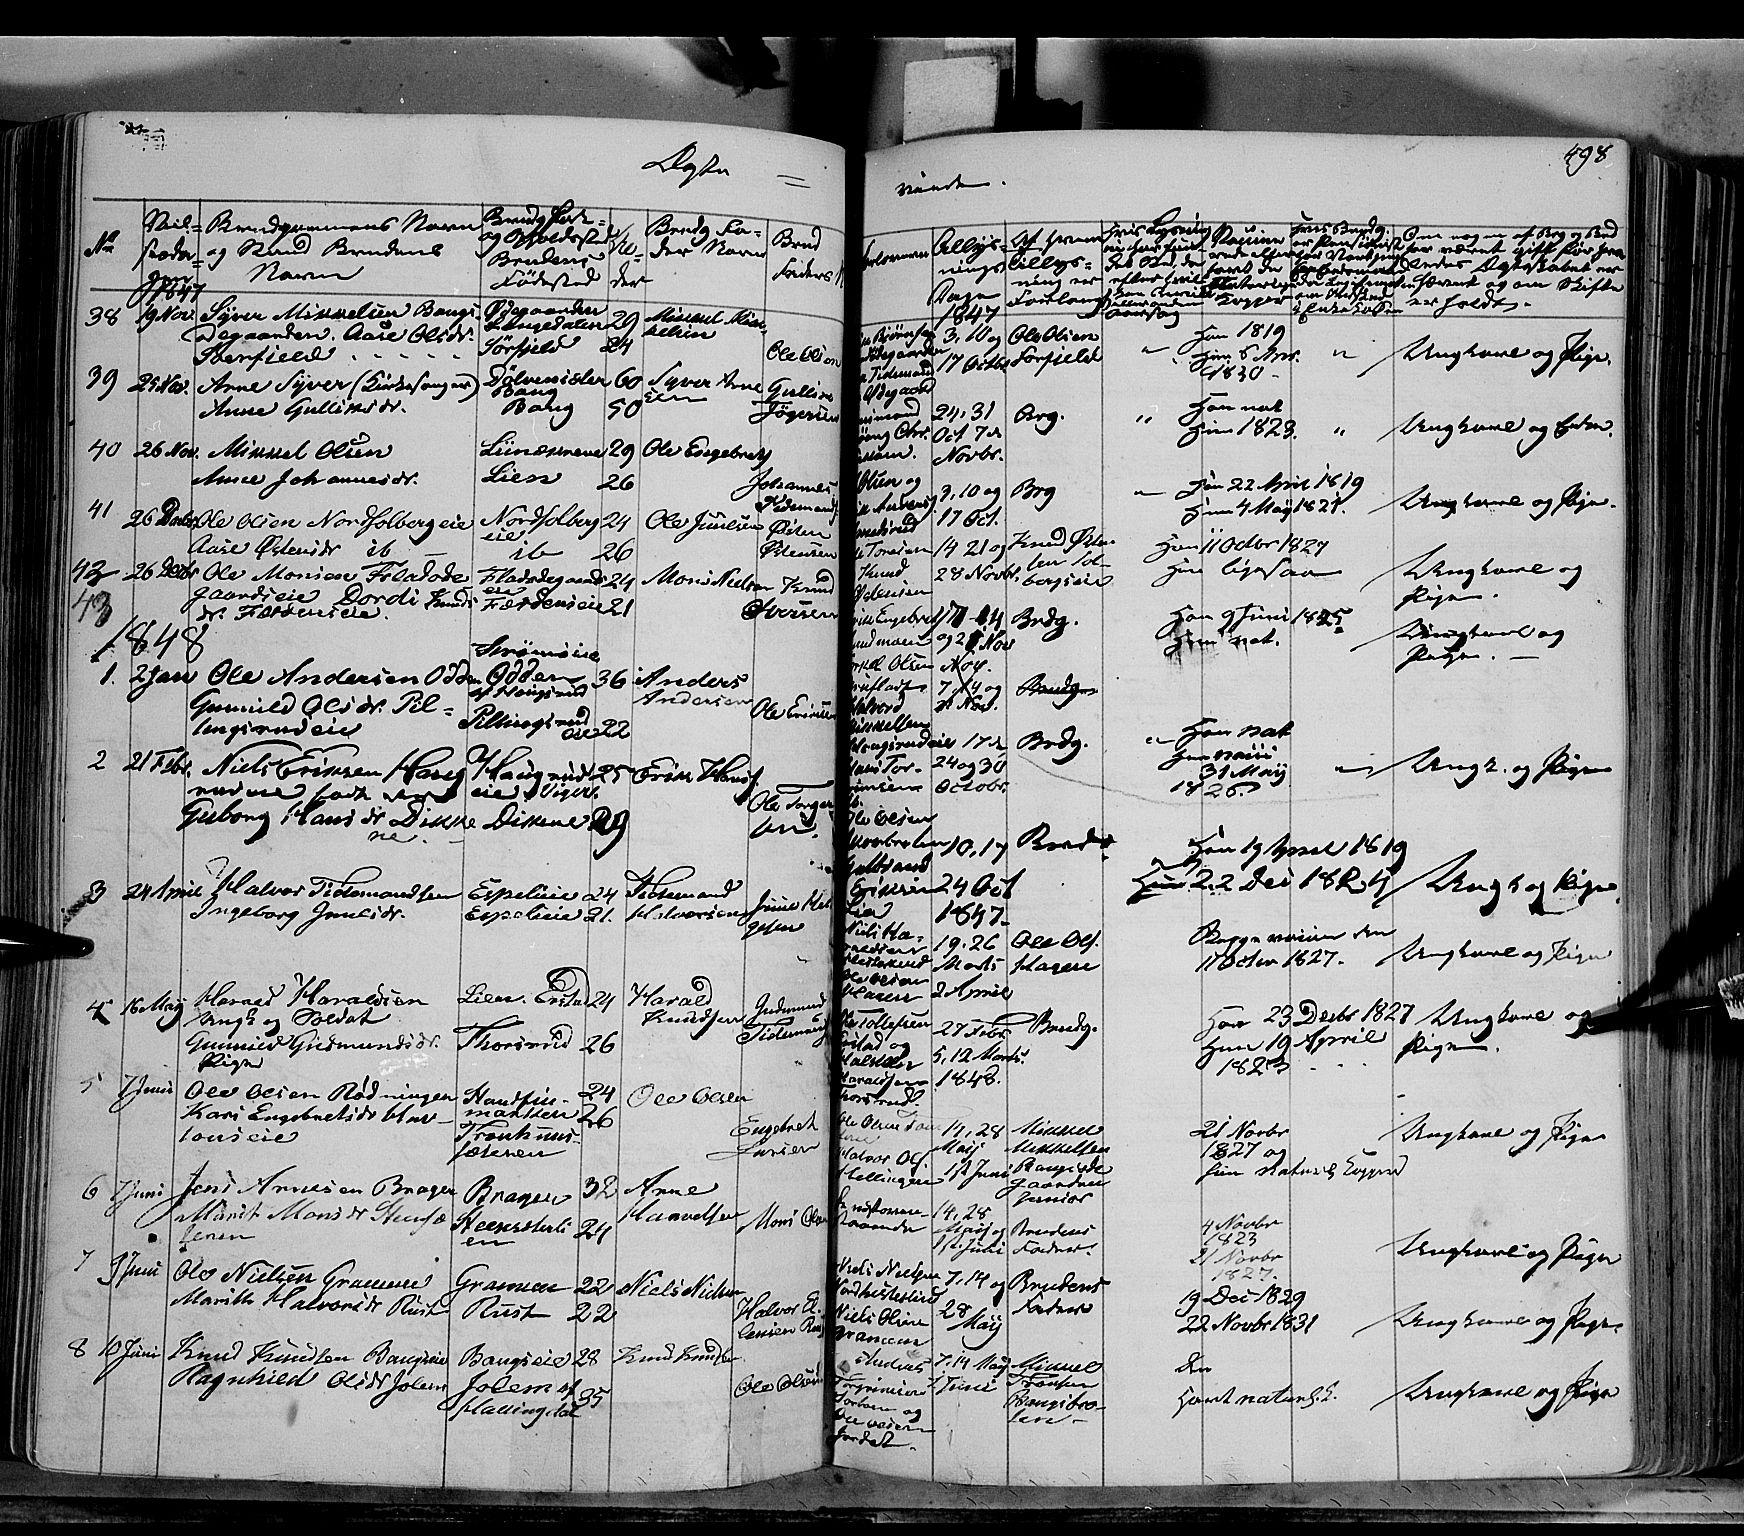 SAH, Sør-Aurdal prestekontor, Ministerialbok nr. 4, 1841-1849, s. 497-498